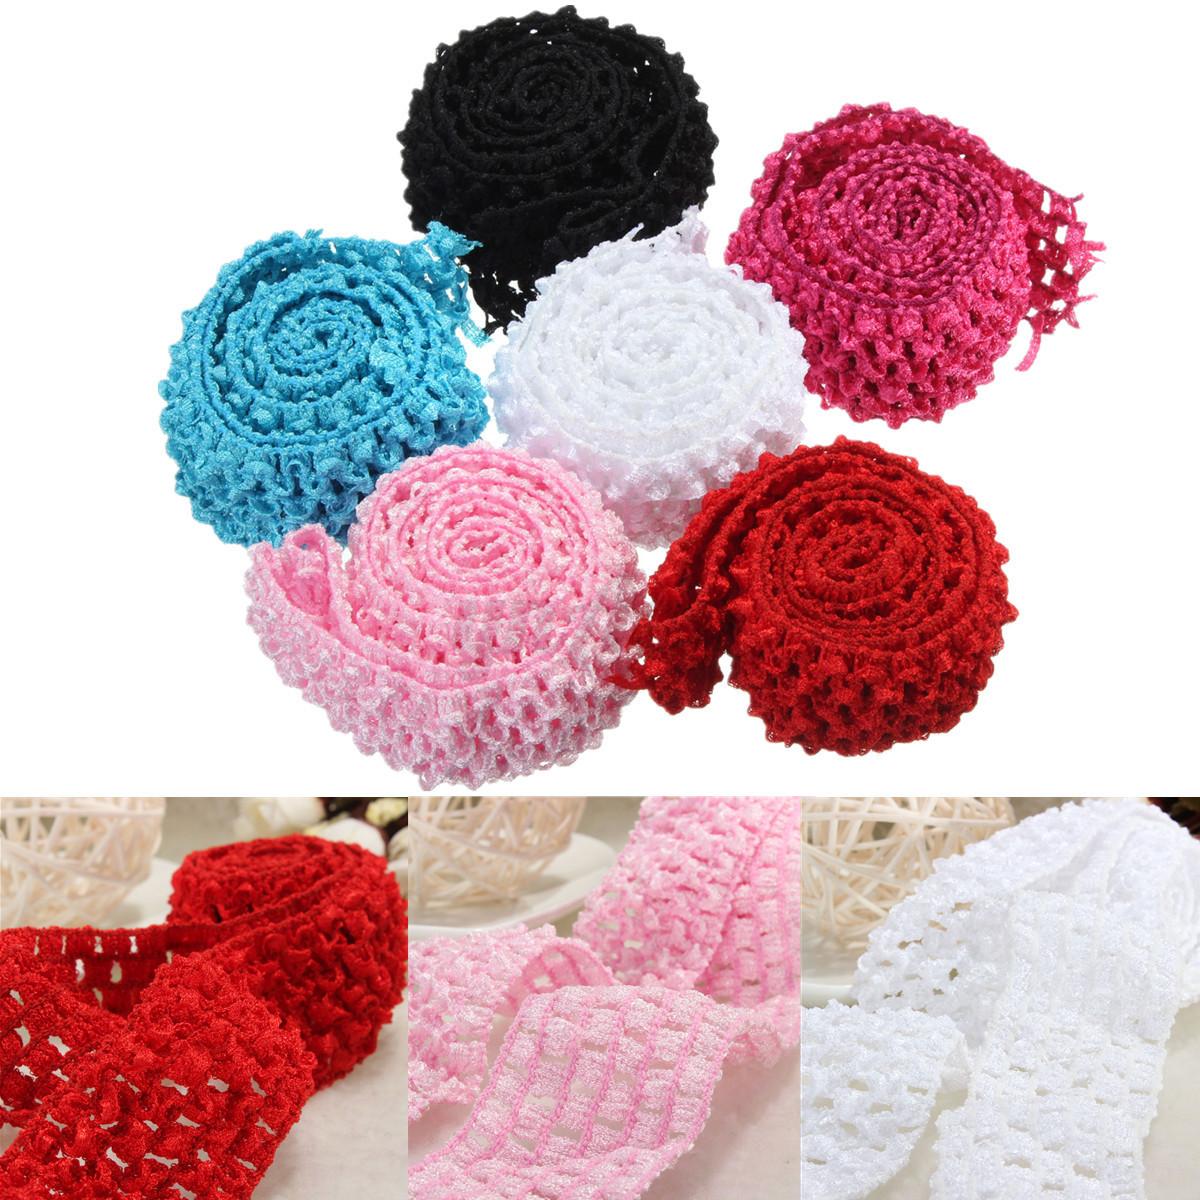 Crochet Elastic Hair Band : Crochet-Elastic-Stretchy-Waistband-Headband-Hair-Band-Strap-For ...